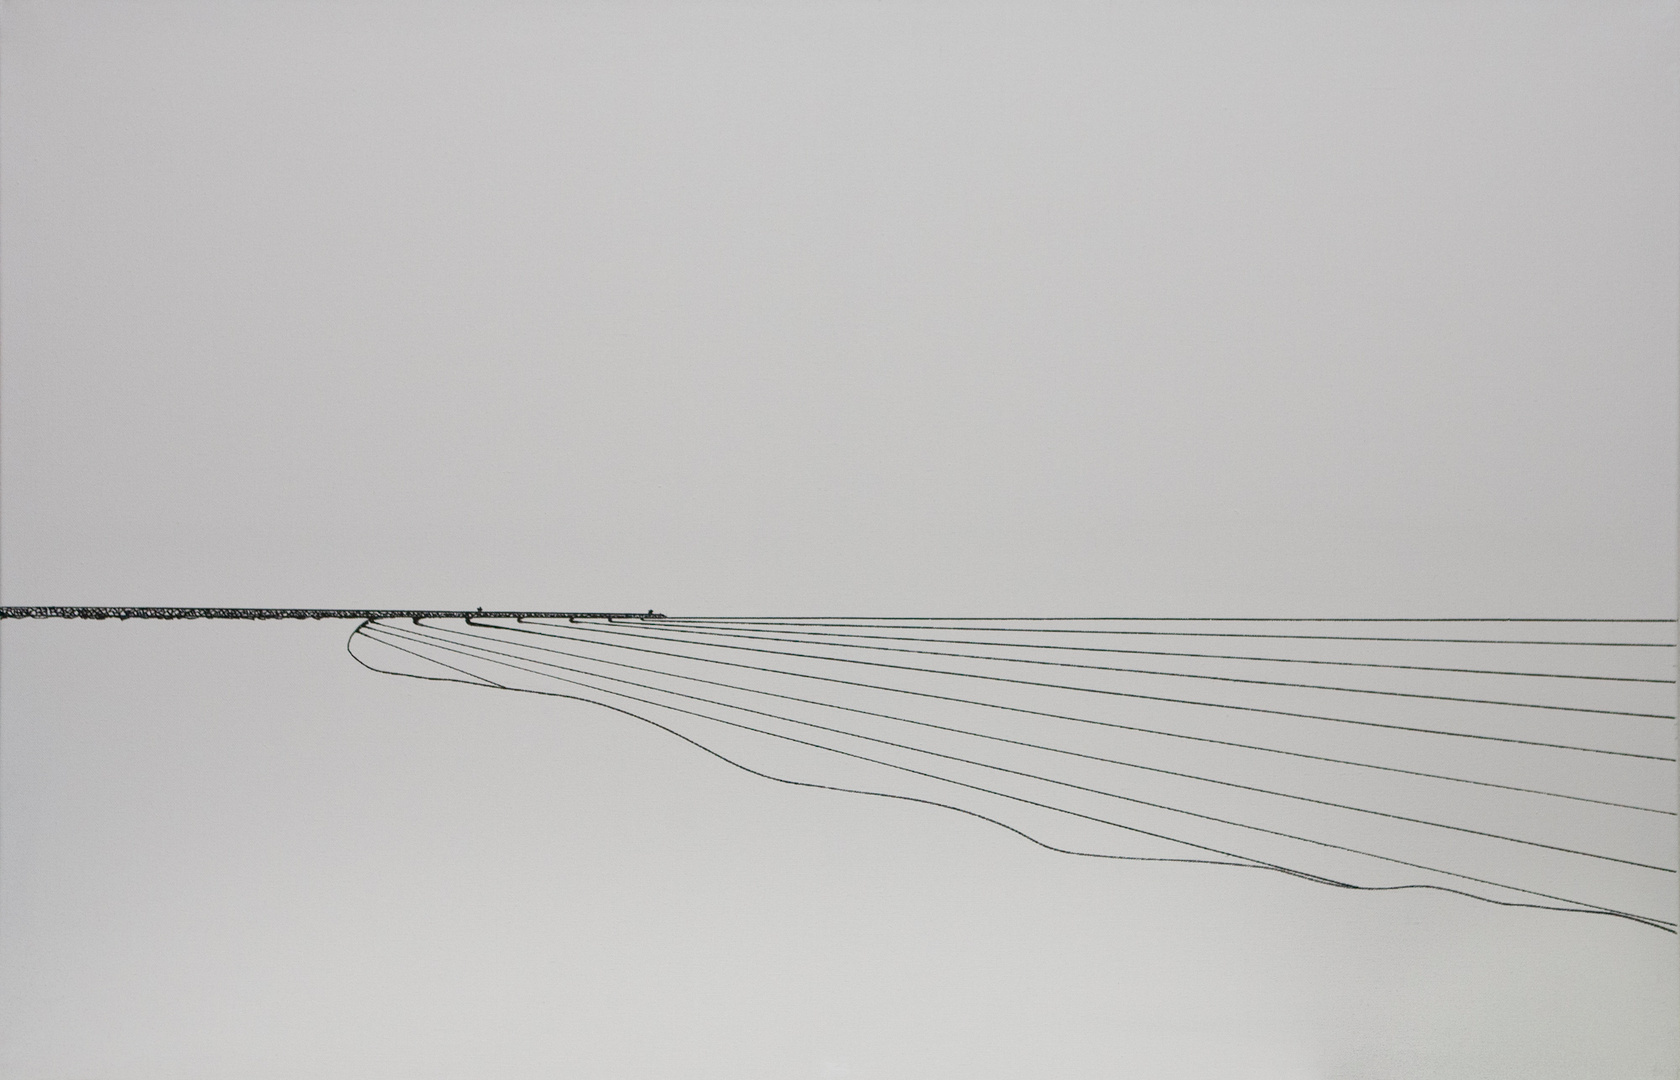 Lines five